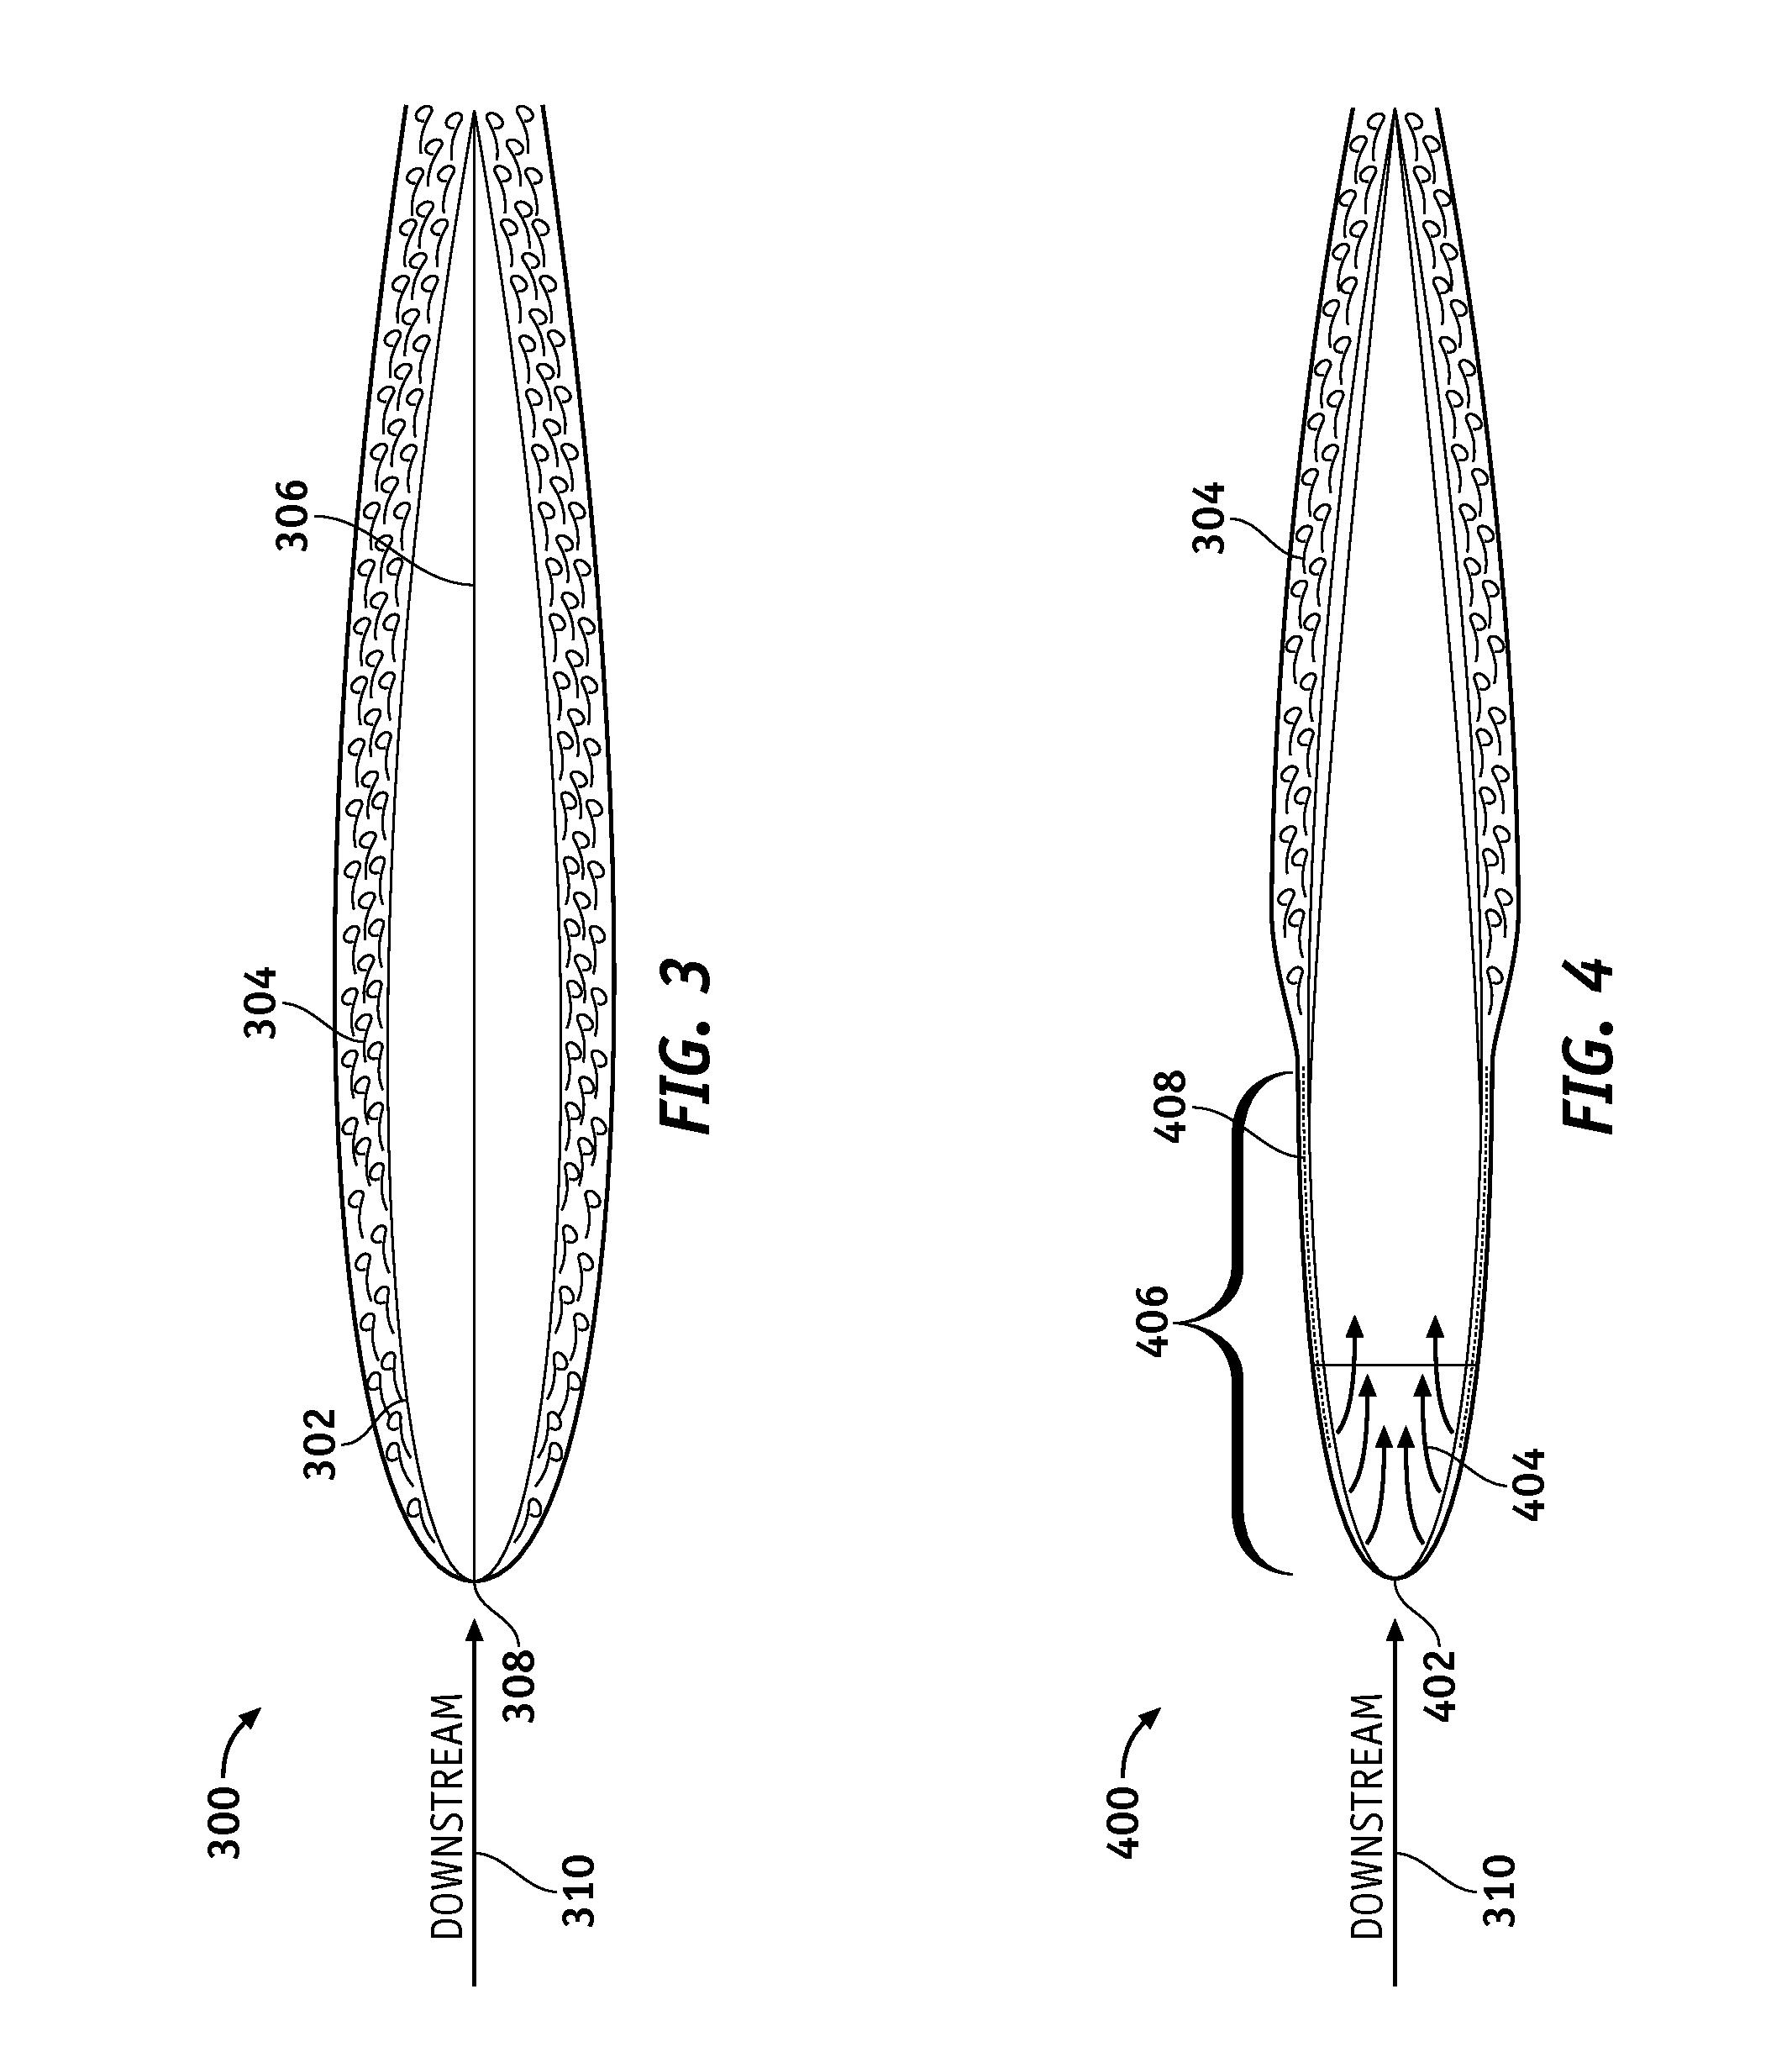 patent us20120037760 - laminar flow panel